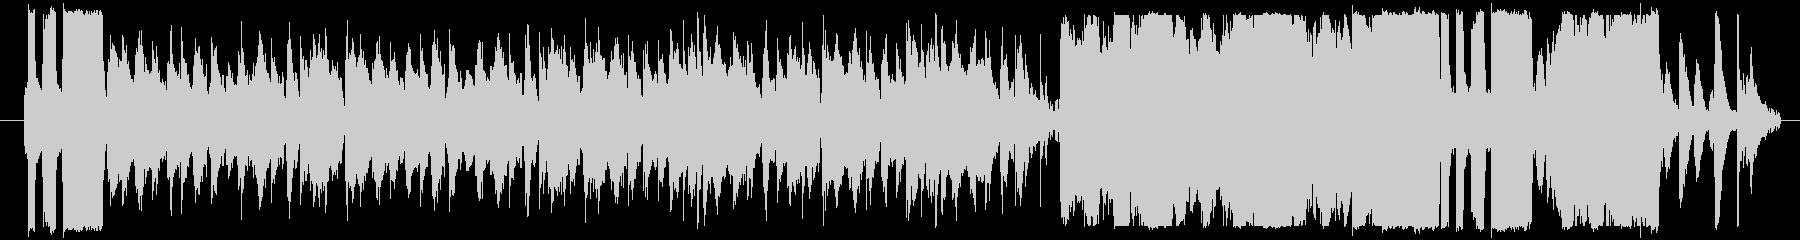 モダンなビッグバンドジャズインスト...の未再生の波形